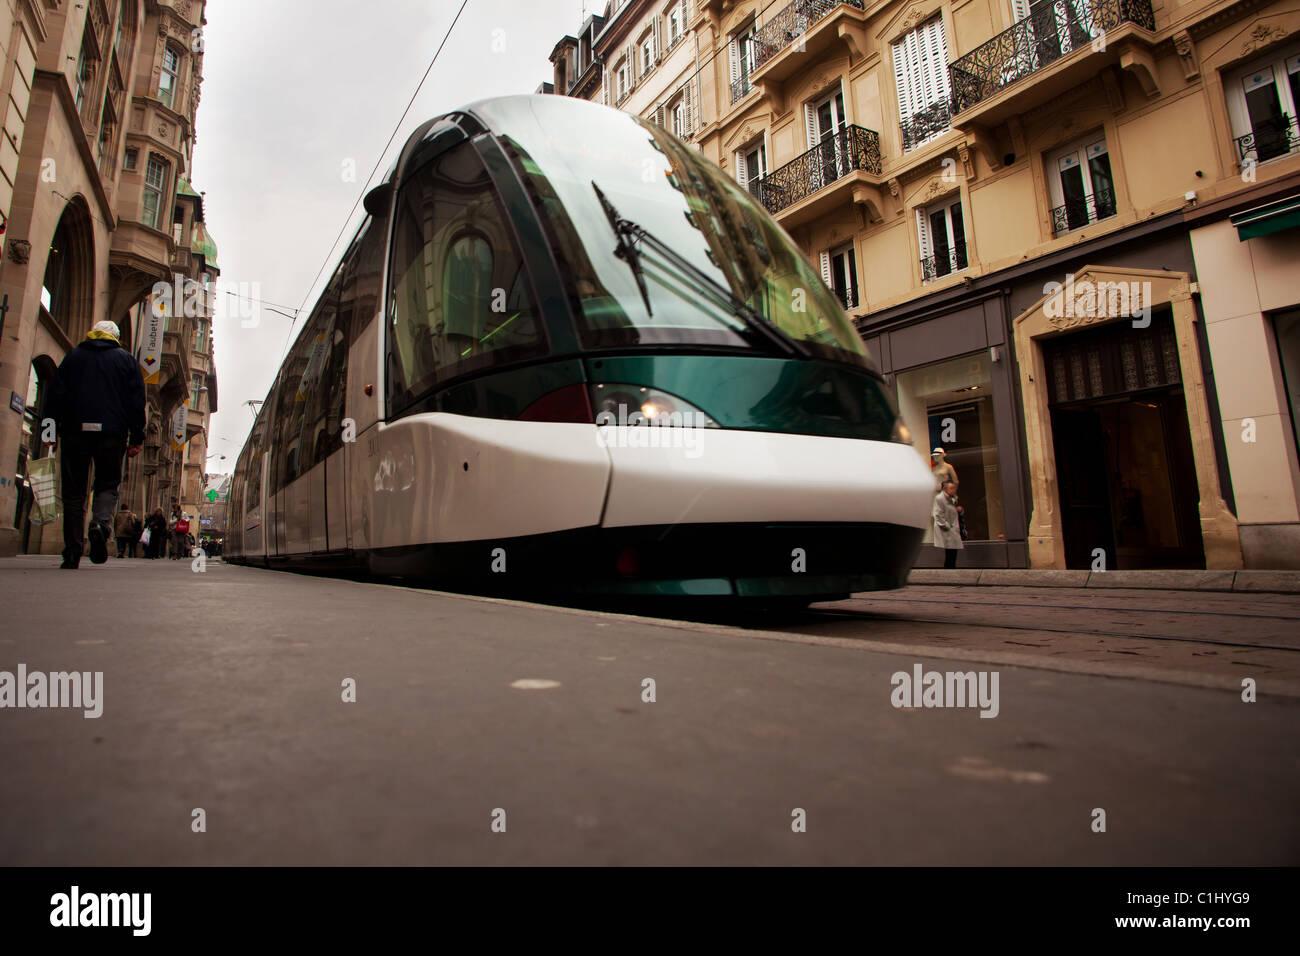 Tramway - Stock Image